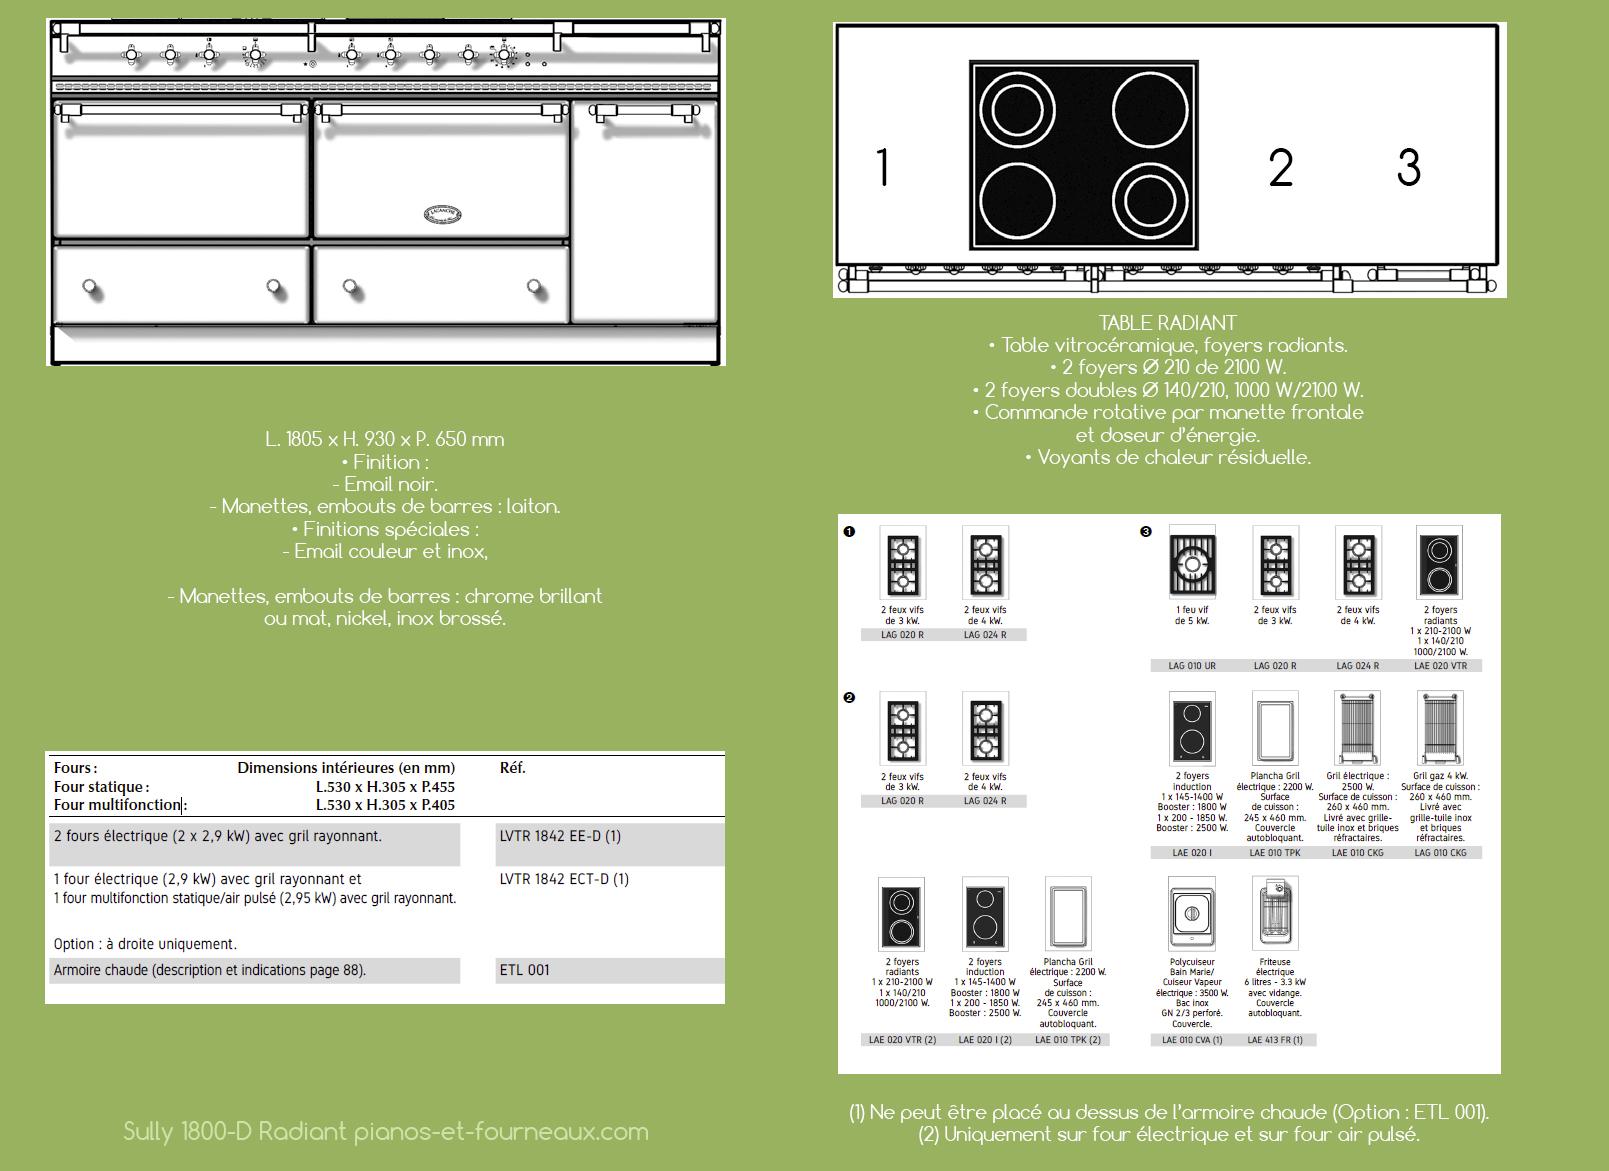 Sully 1800 D Radiant configurations possibles - pianos-et-fourneaux.com le spécialiste des pianos de cuisine et fourneaux de cuisson Lacanche